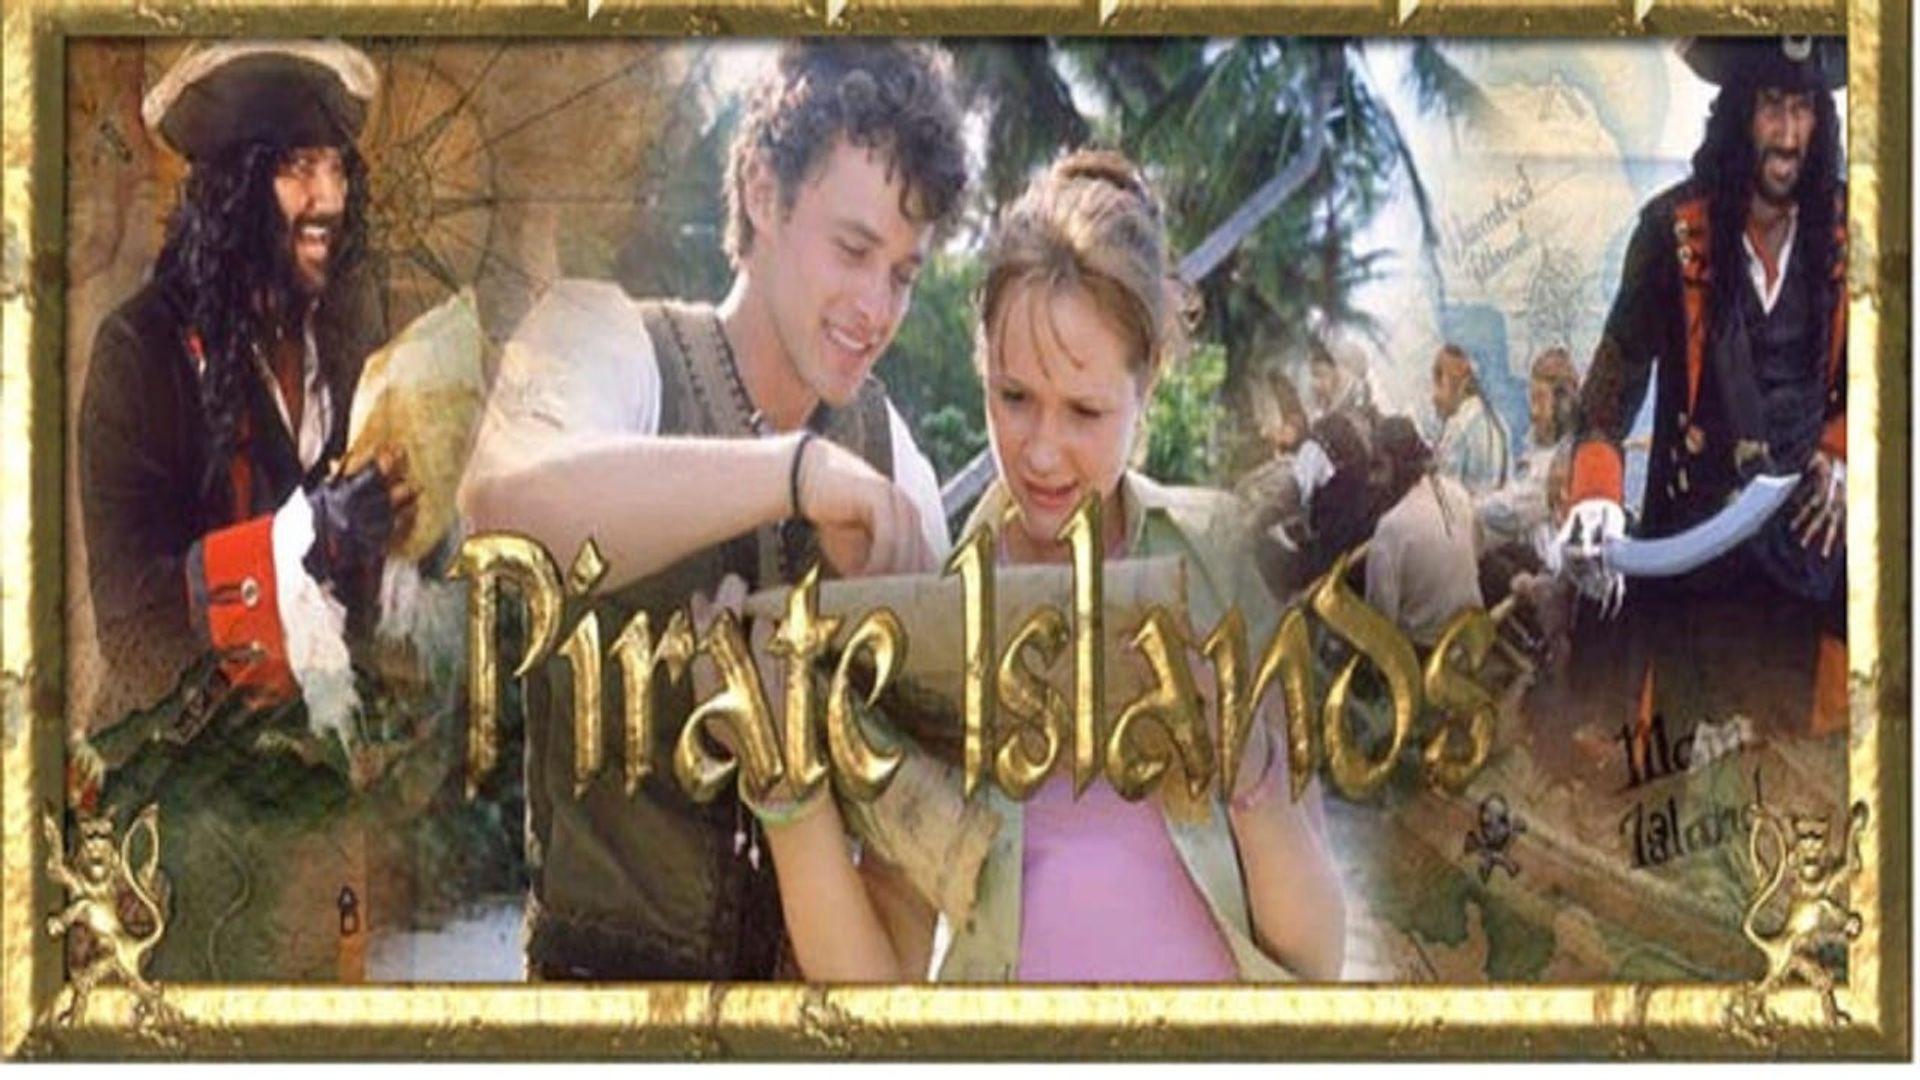 Show Pirate Islands